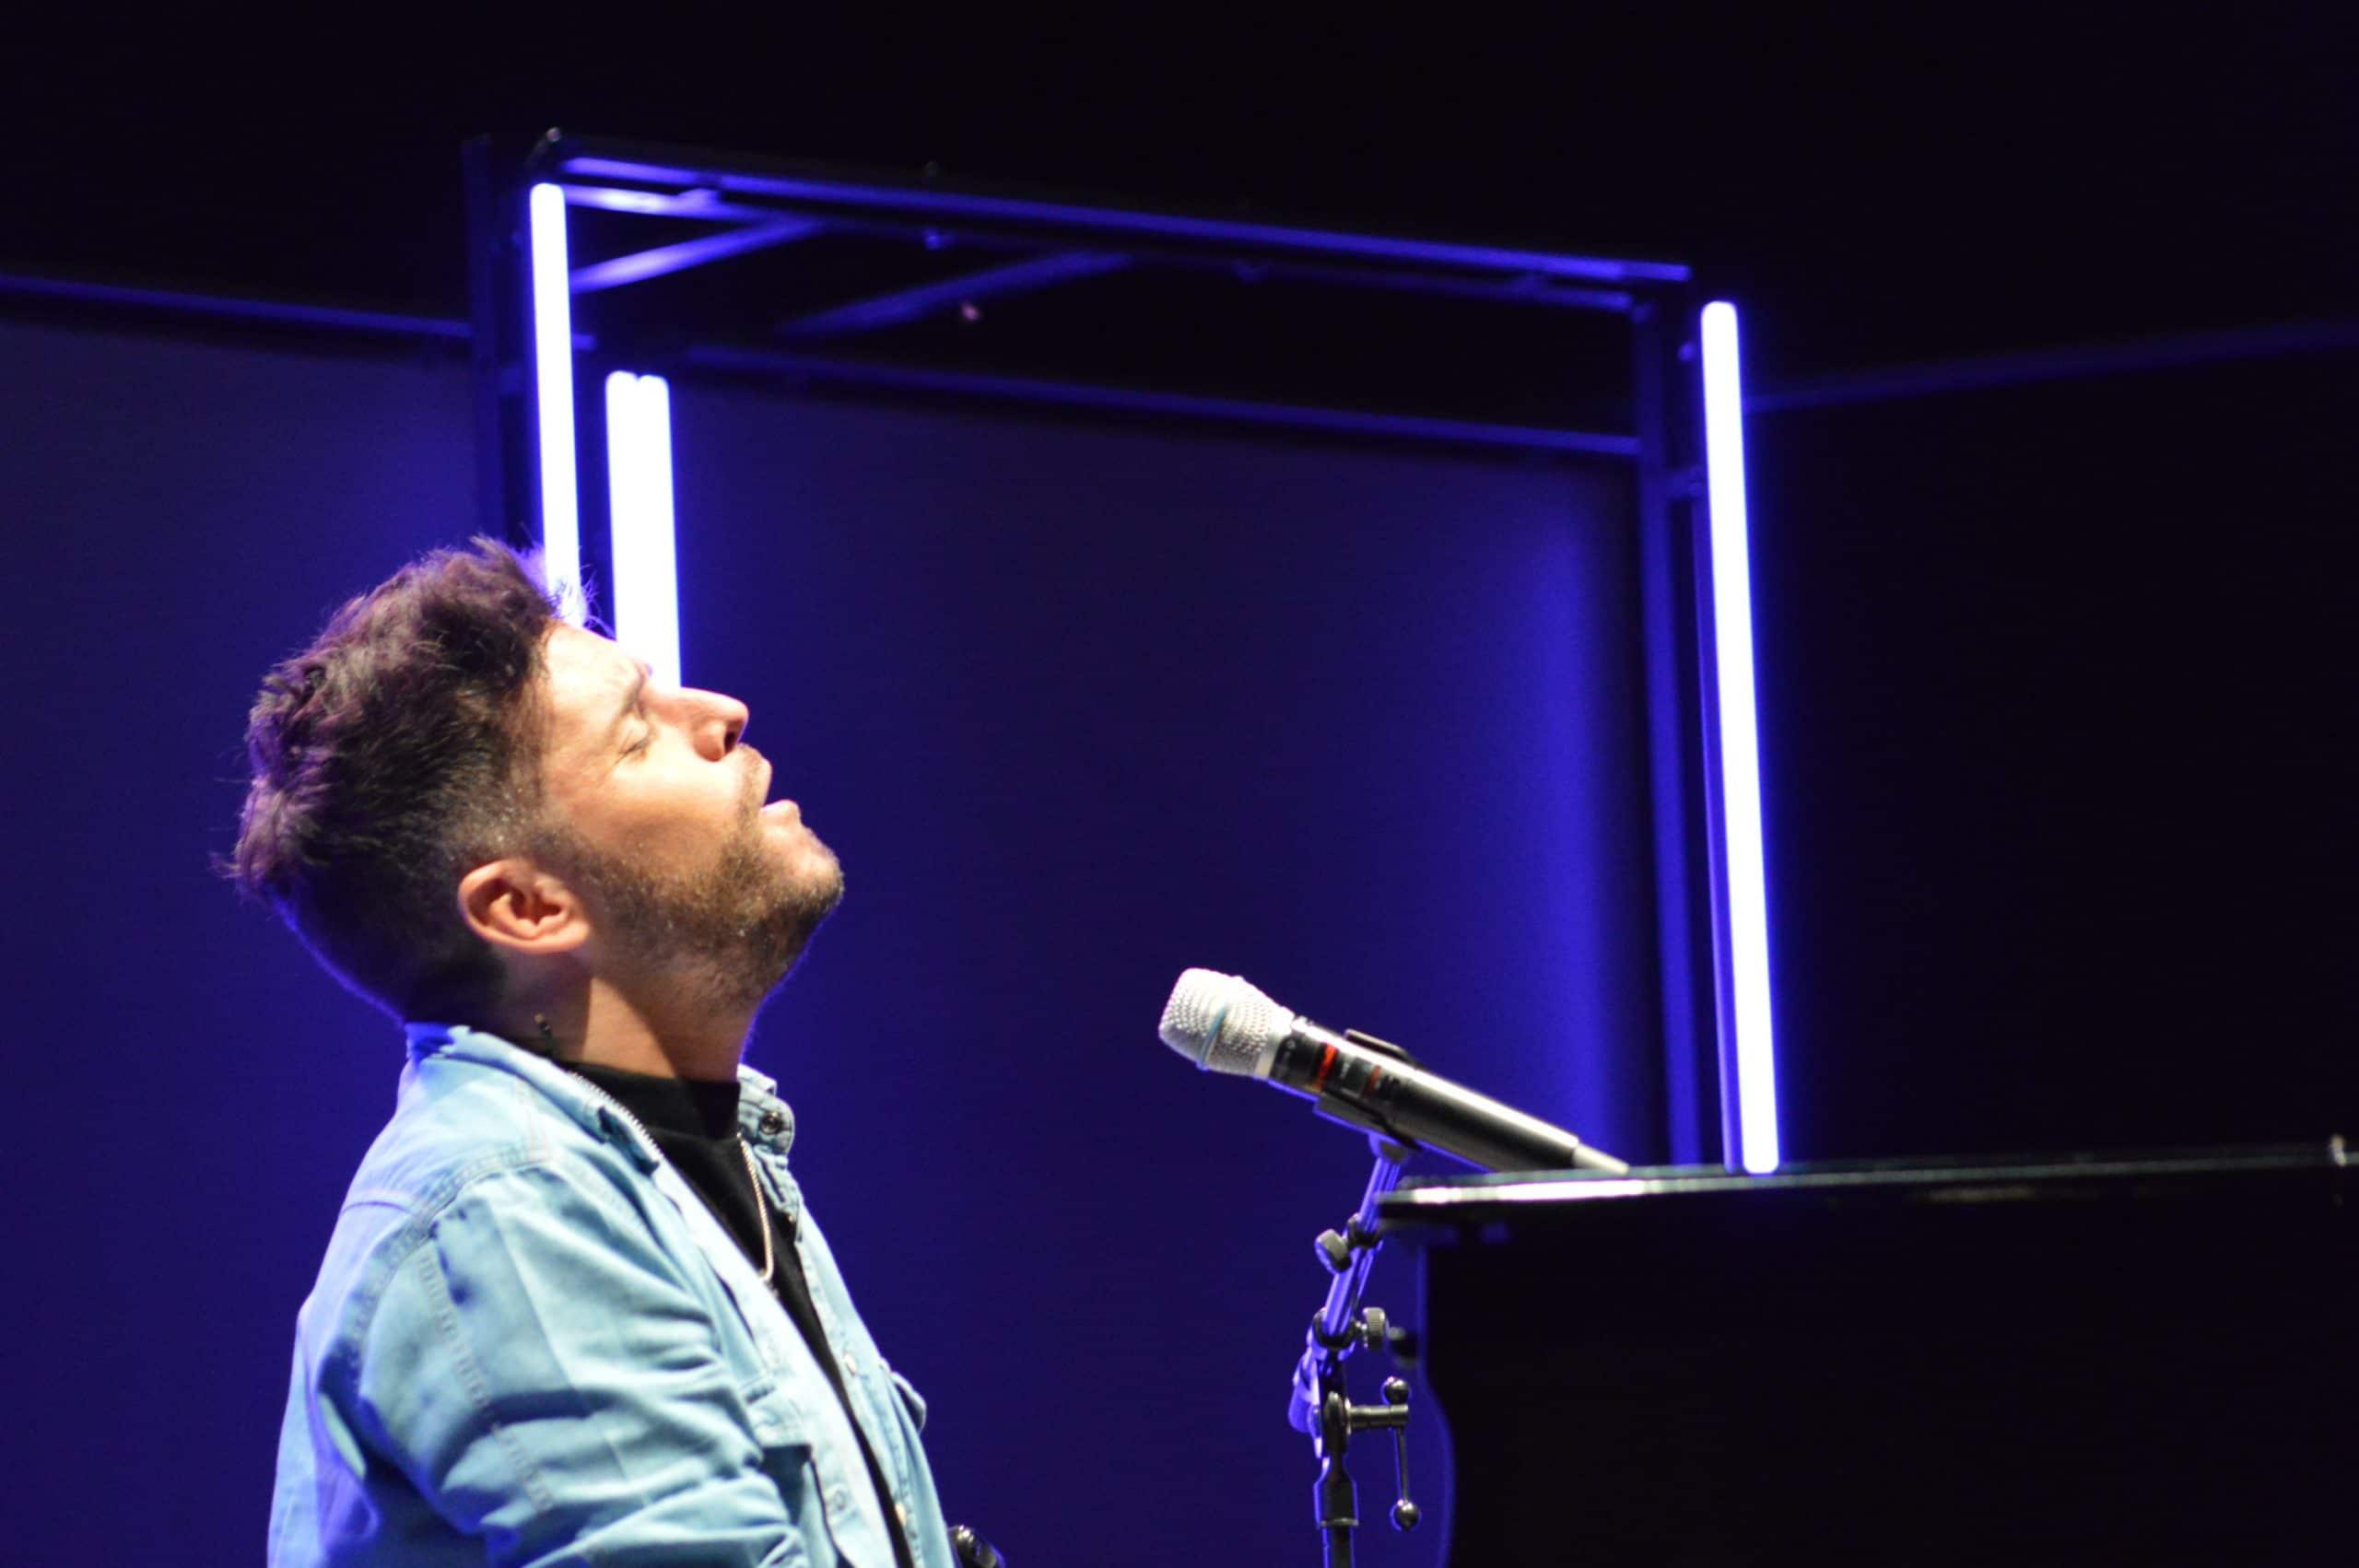 La gira 'López, piano y voz' de Pablo López pone el broche final a las fiestas de la Encina que nunca hubiéramos querido vivir 30